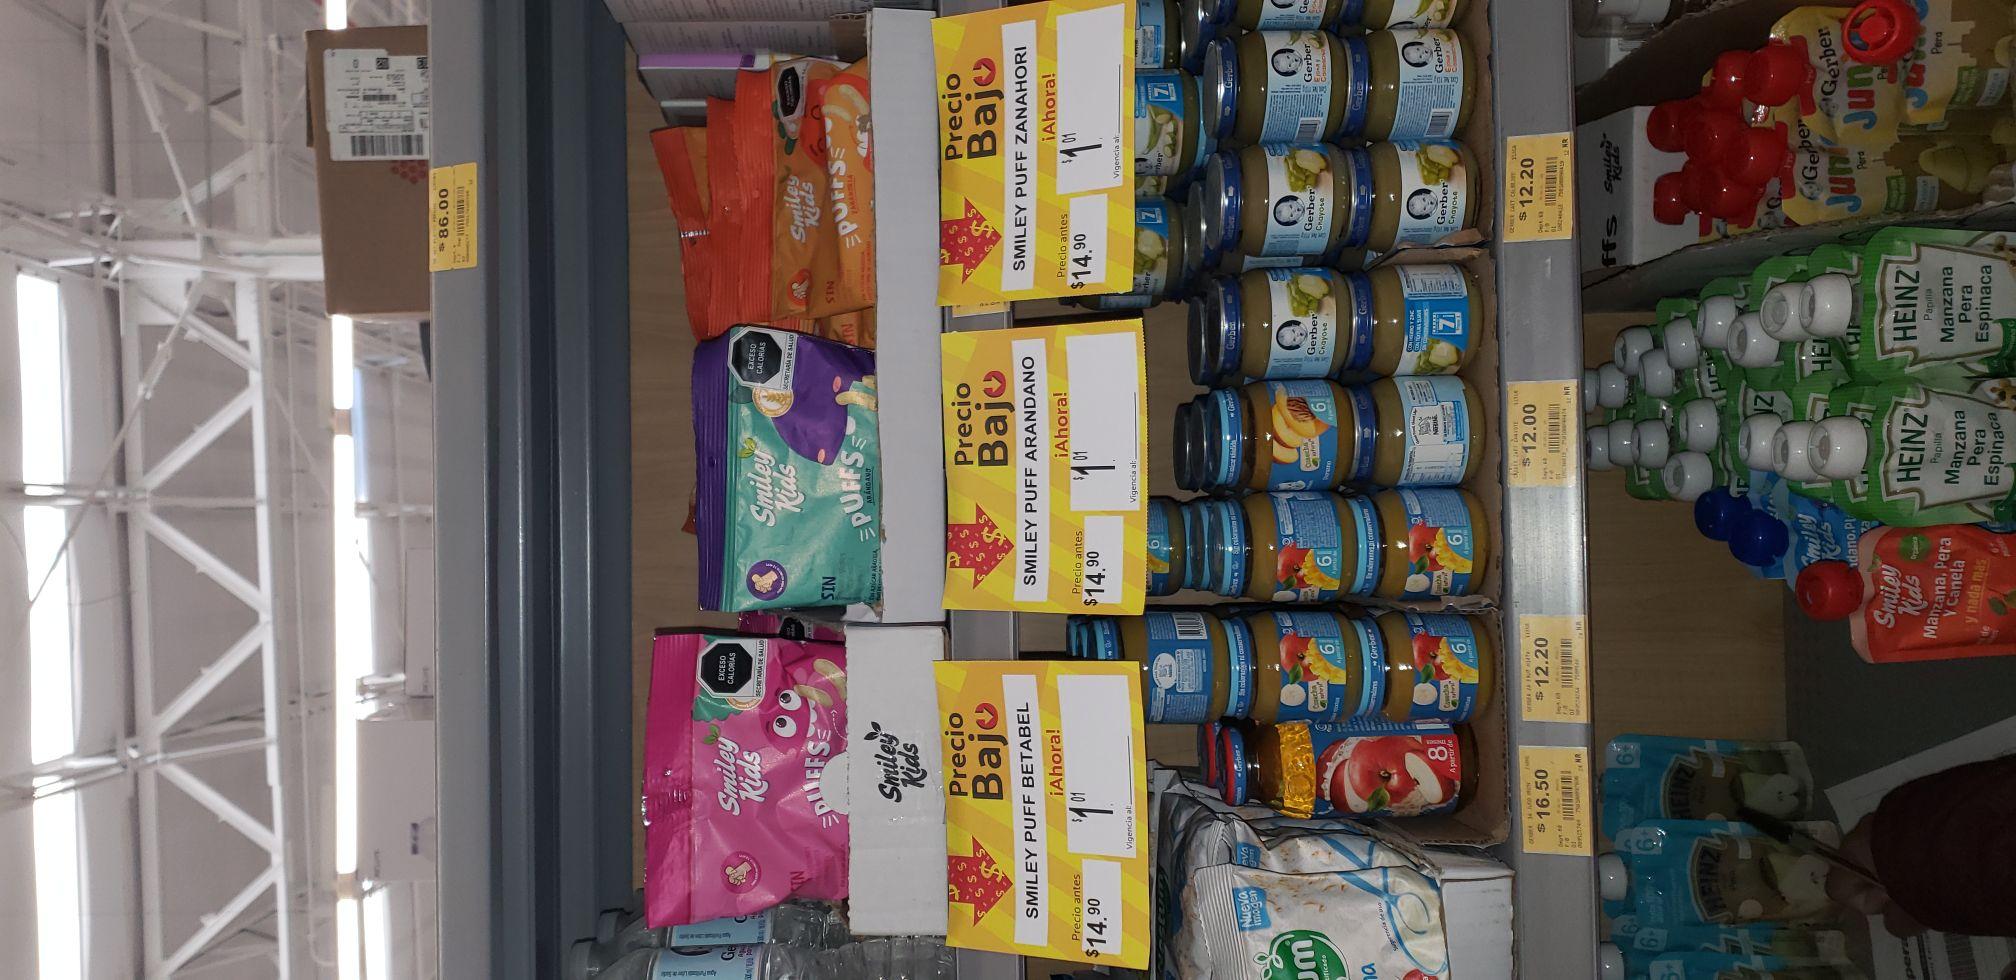 Última liquidación de snaks para bebes en superam acoxpa